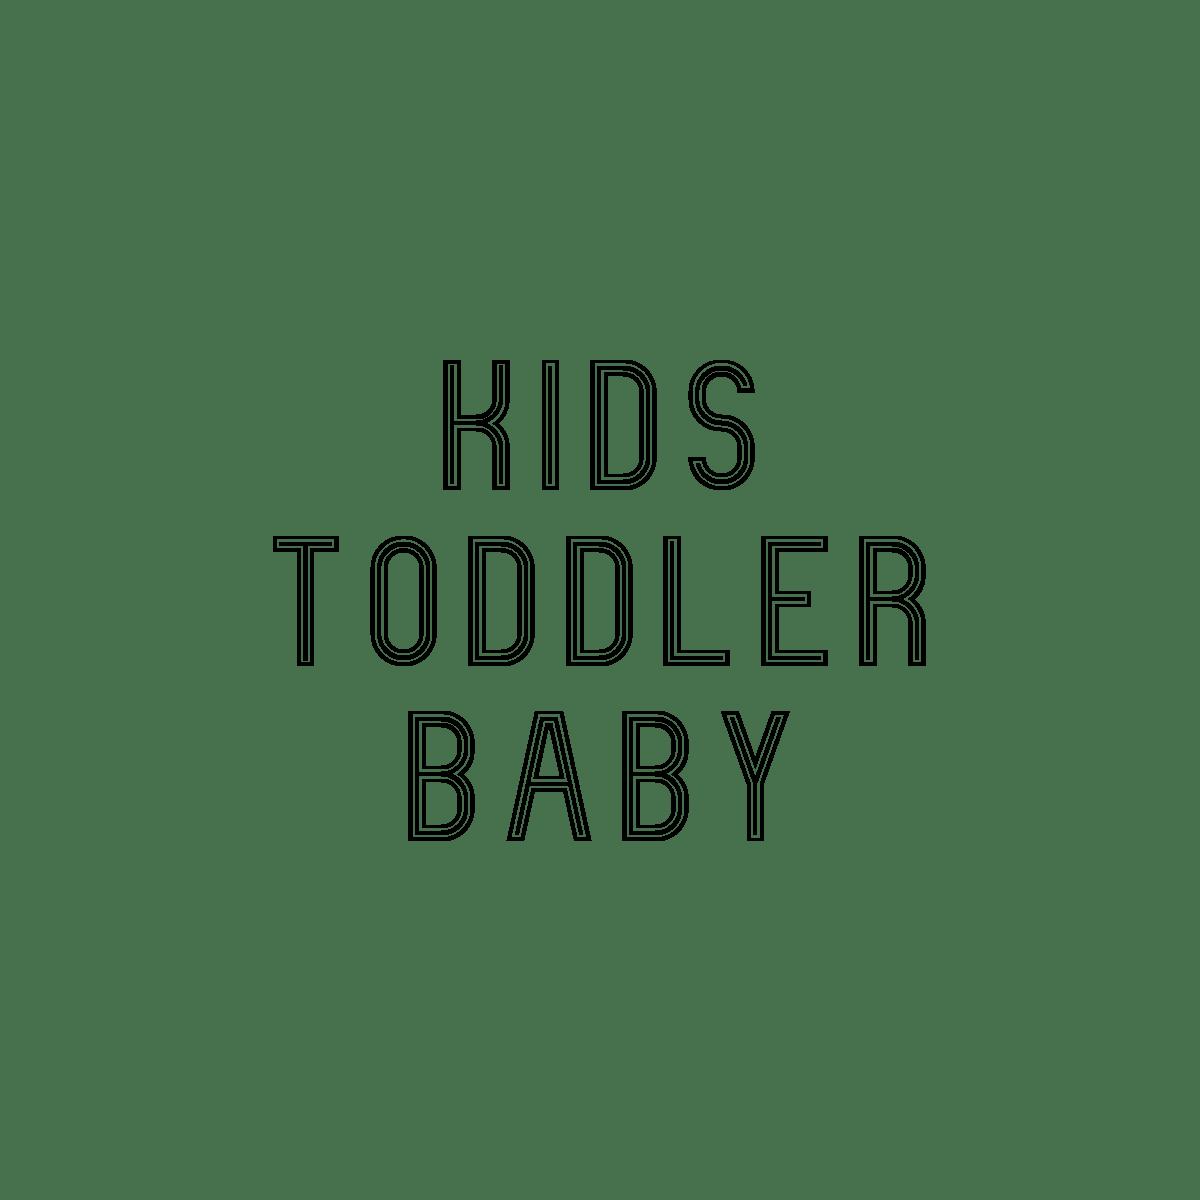 Kids | Toddler | Baby